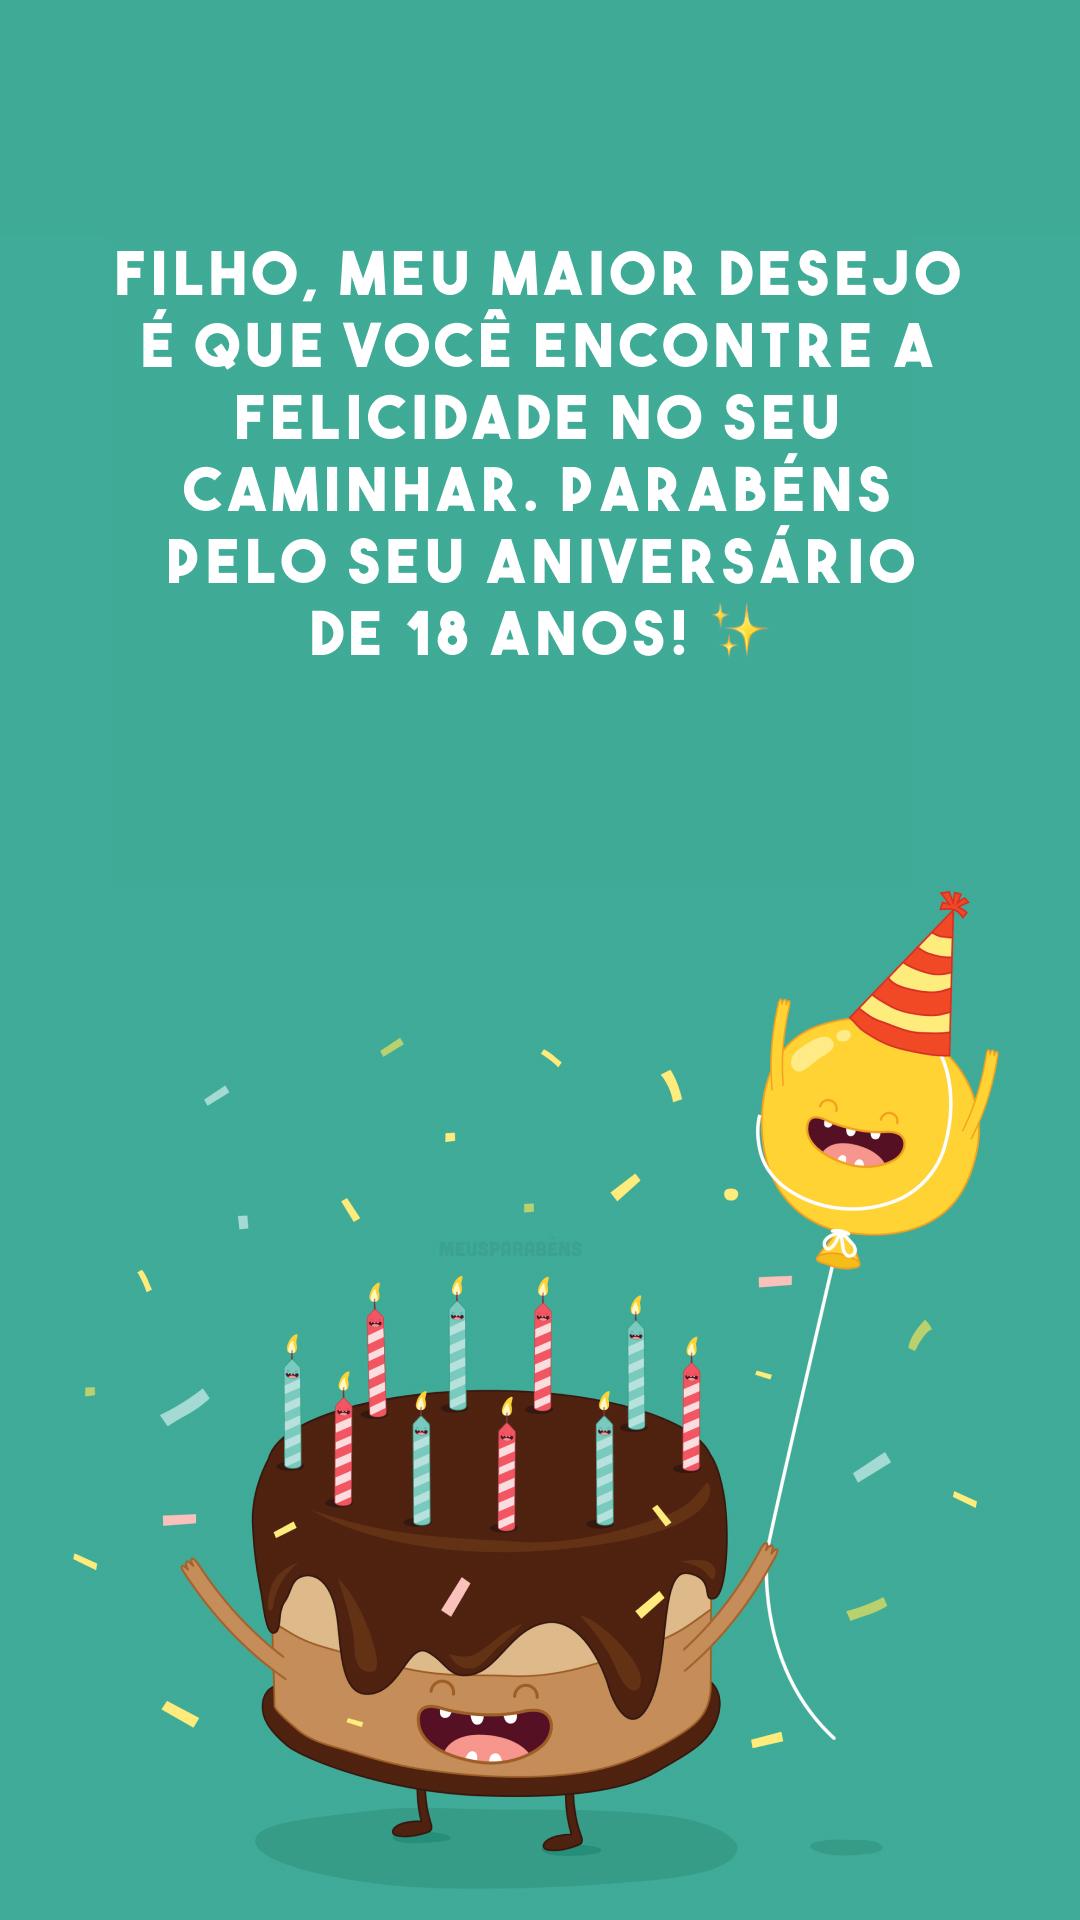 Filho, meu maior desejo é que você encontre a felicidade no seu caminhar. Parabéns pelo seu aniversário de 18 anos! ✨